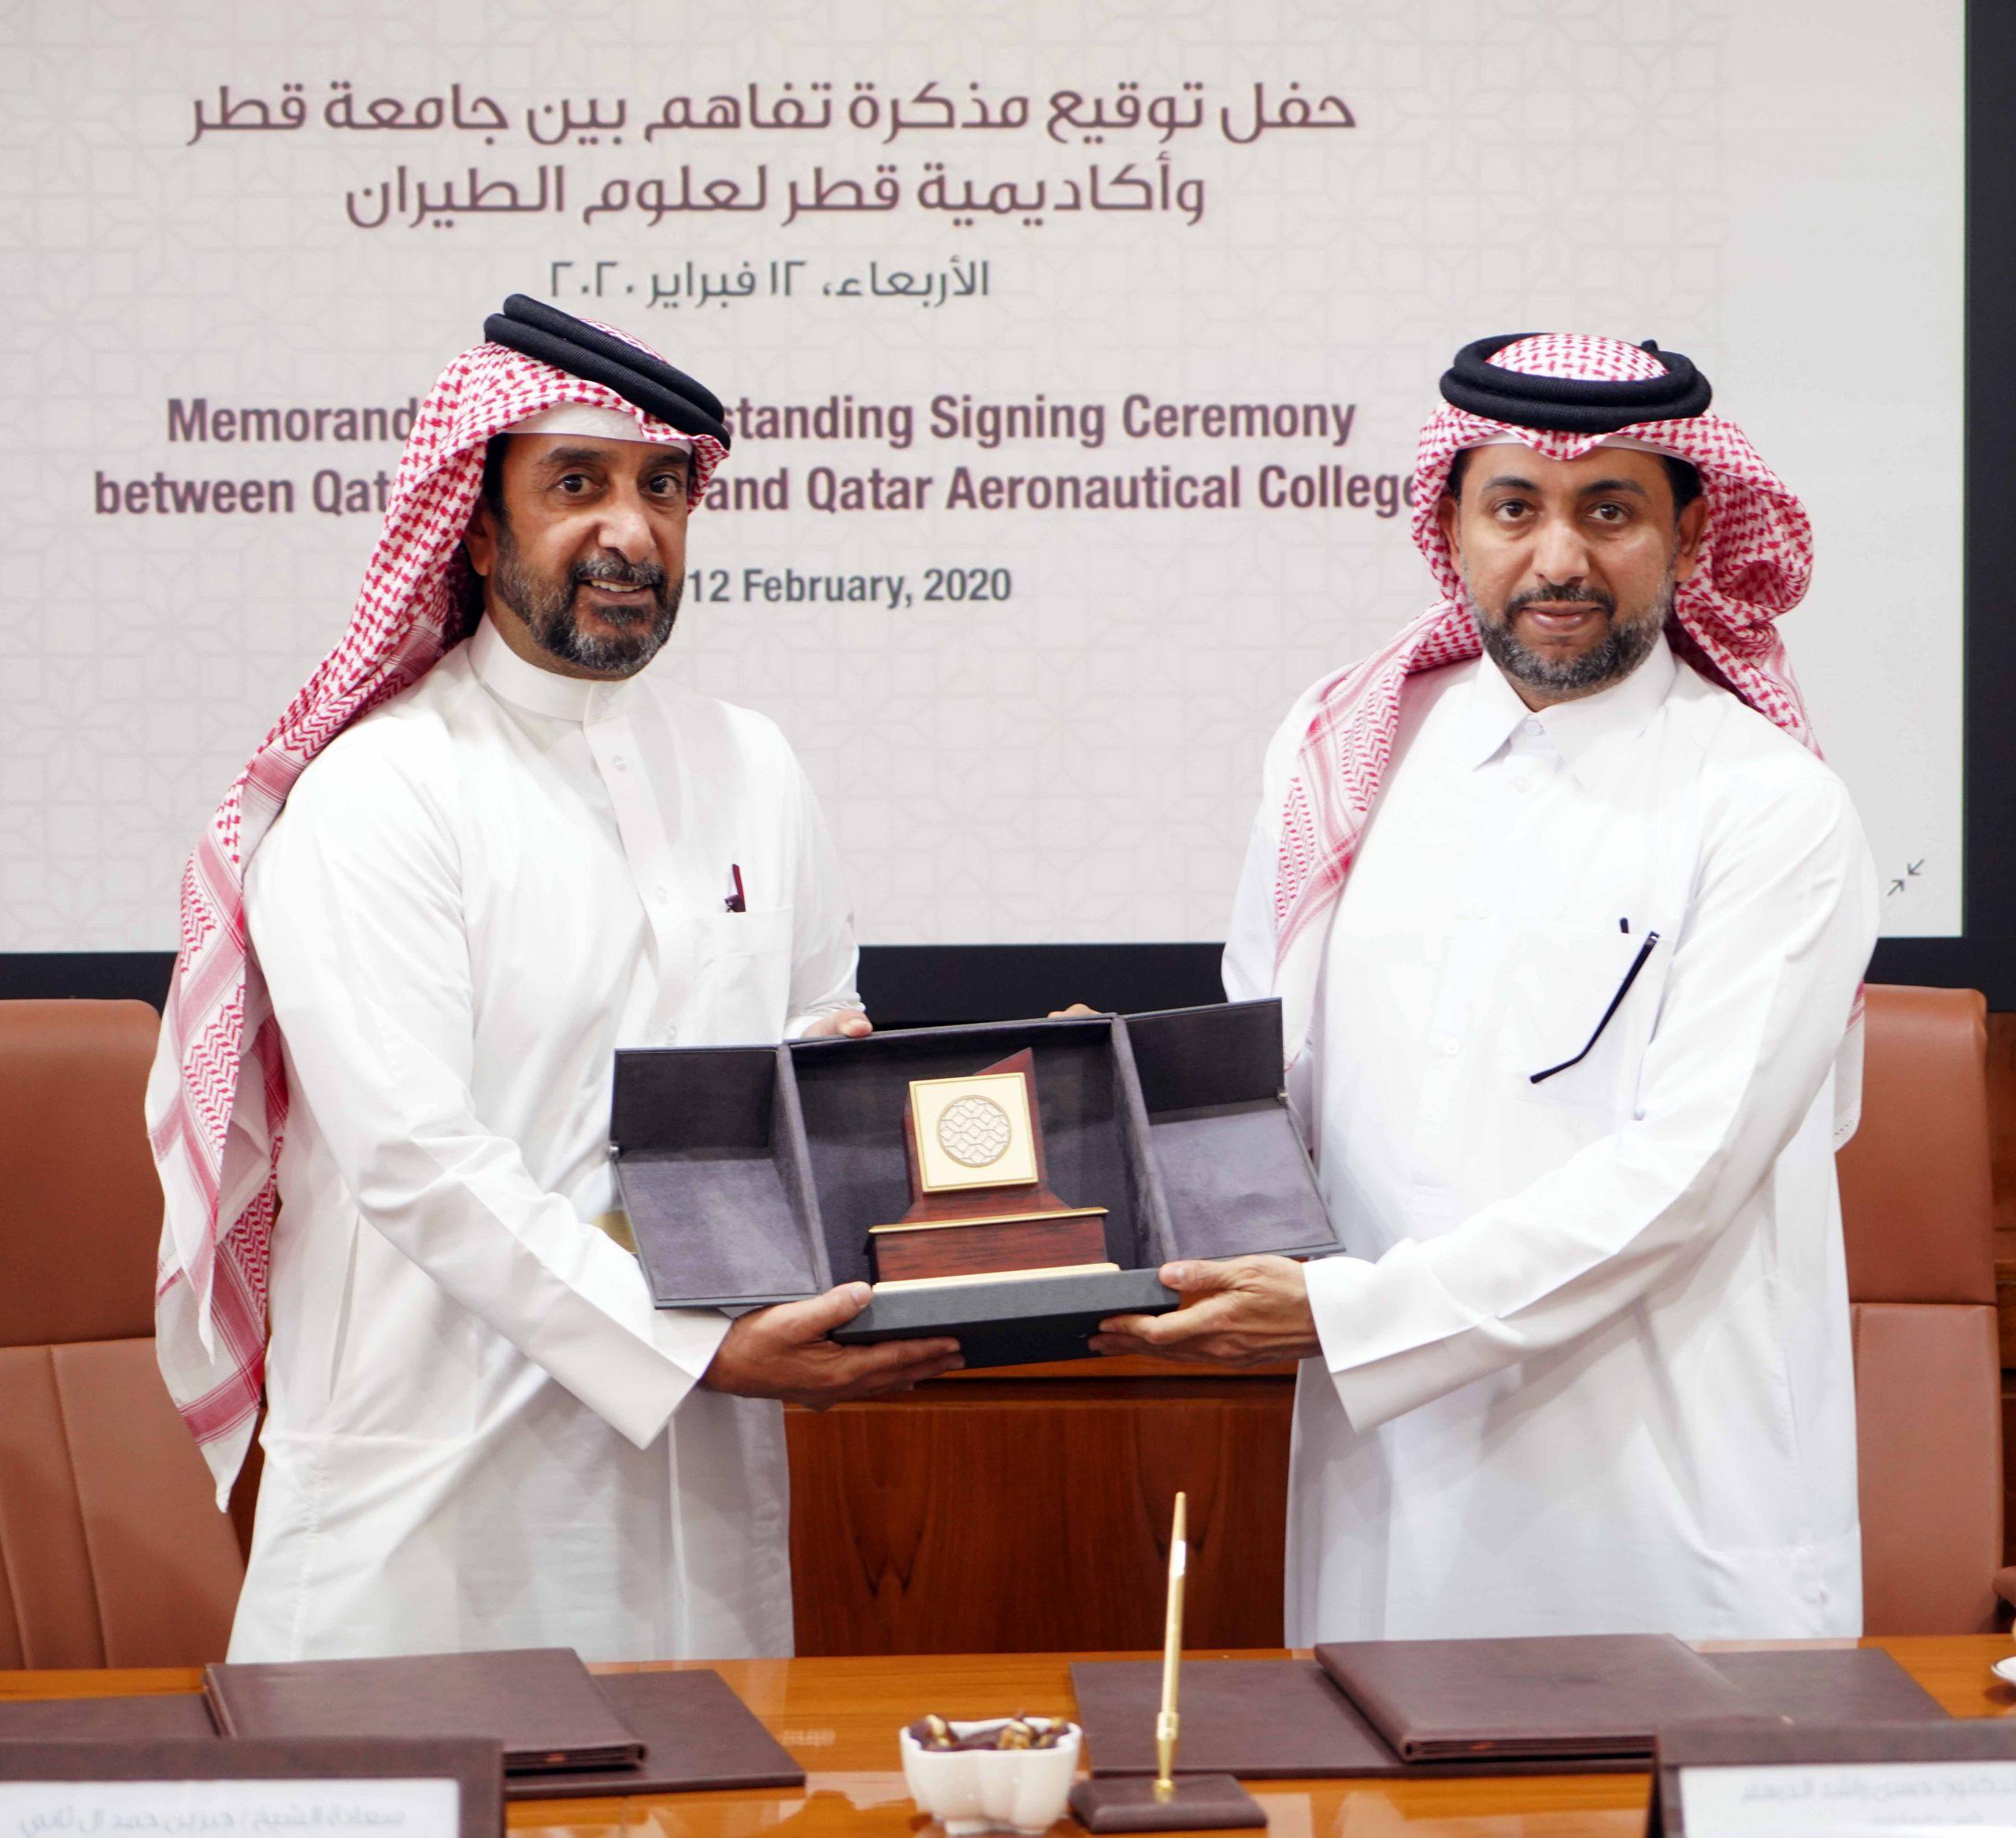 جامعة قطر وأكاديمية قطر لعلوم الطيران تعززان التعاون المشترك